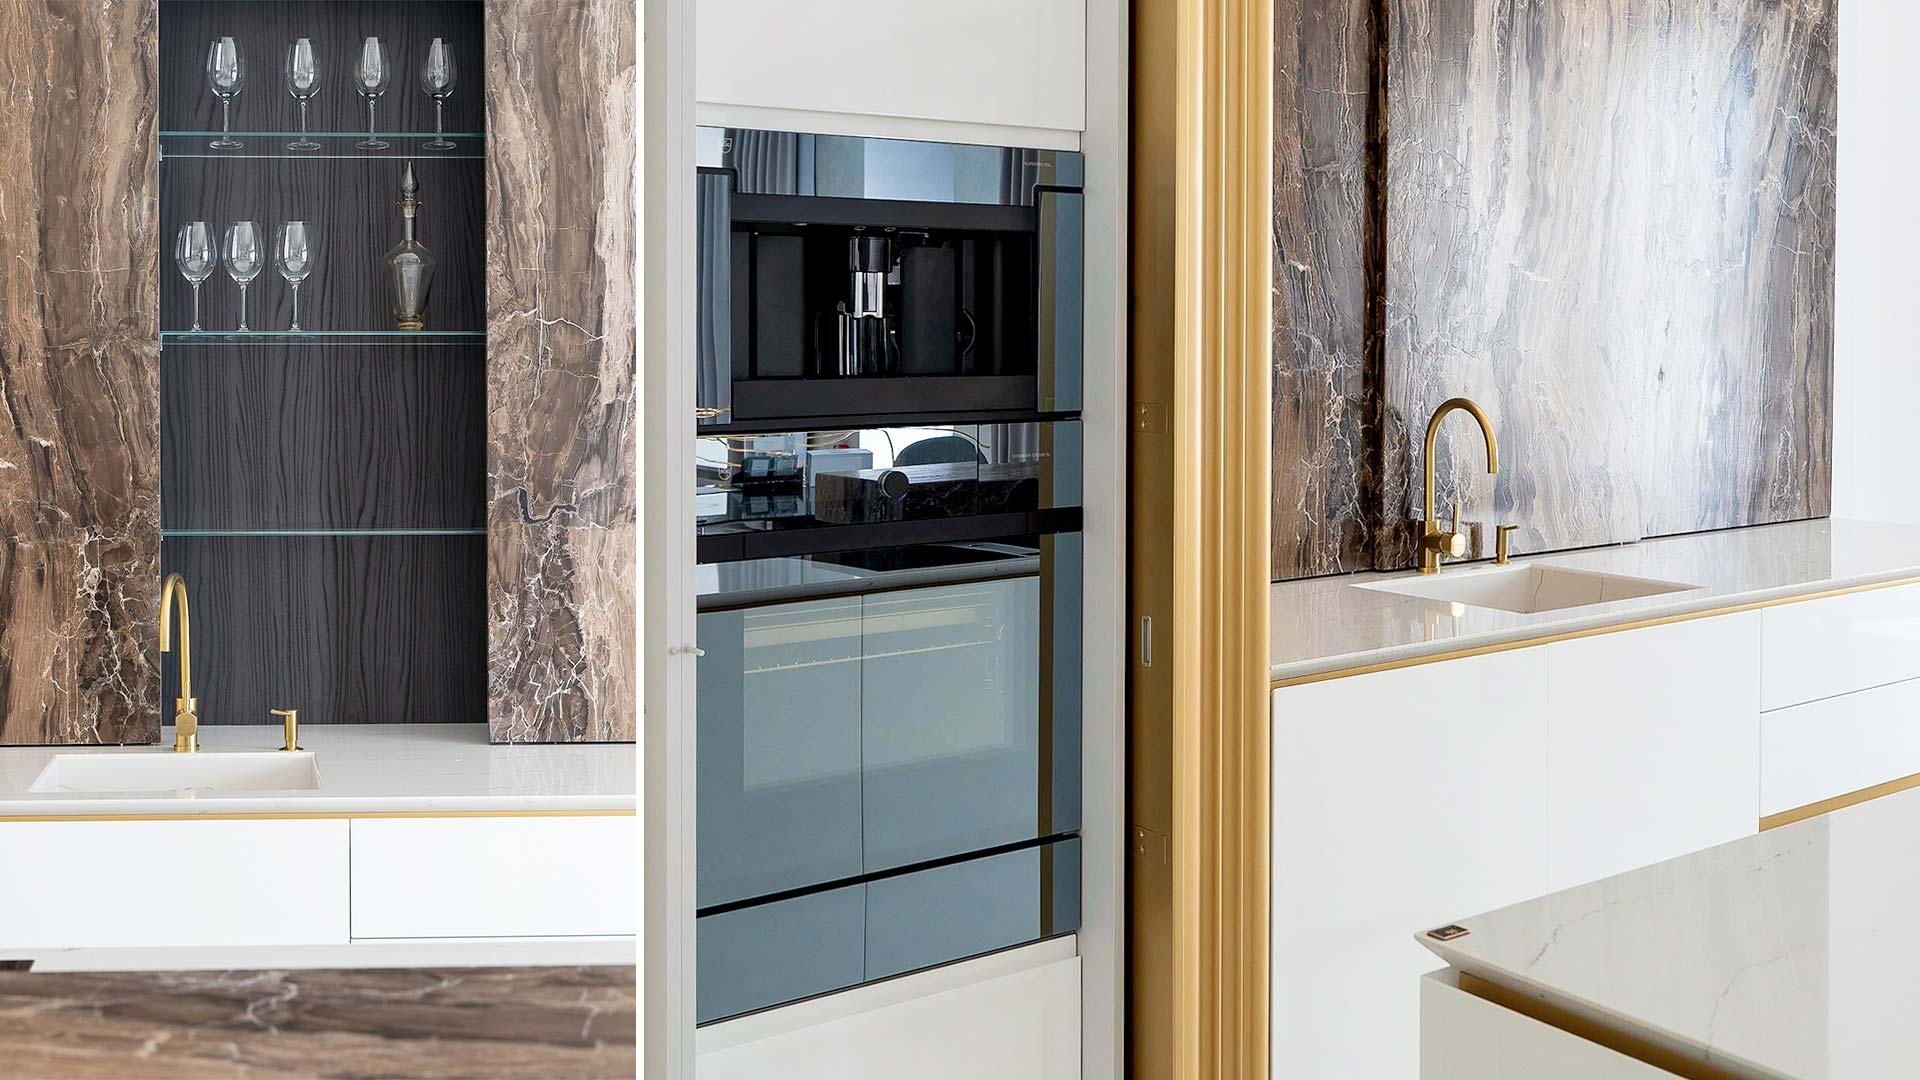 Cucina personalizzata con lato colonne e isola a San Pietroburgo - TM Italia - 201906-Cucina-personalizzata-con-lato-colonne-e-isola-2